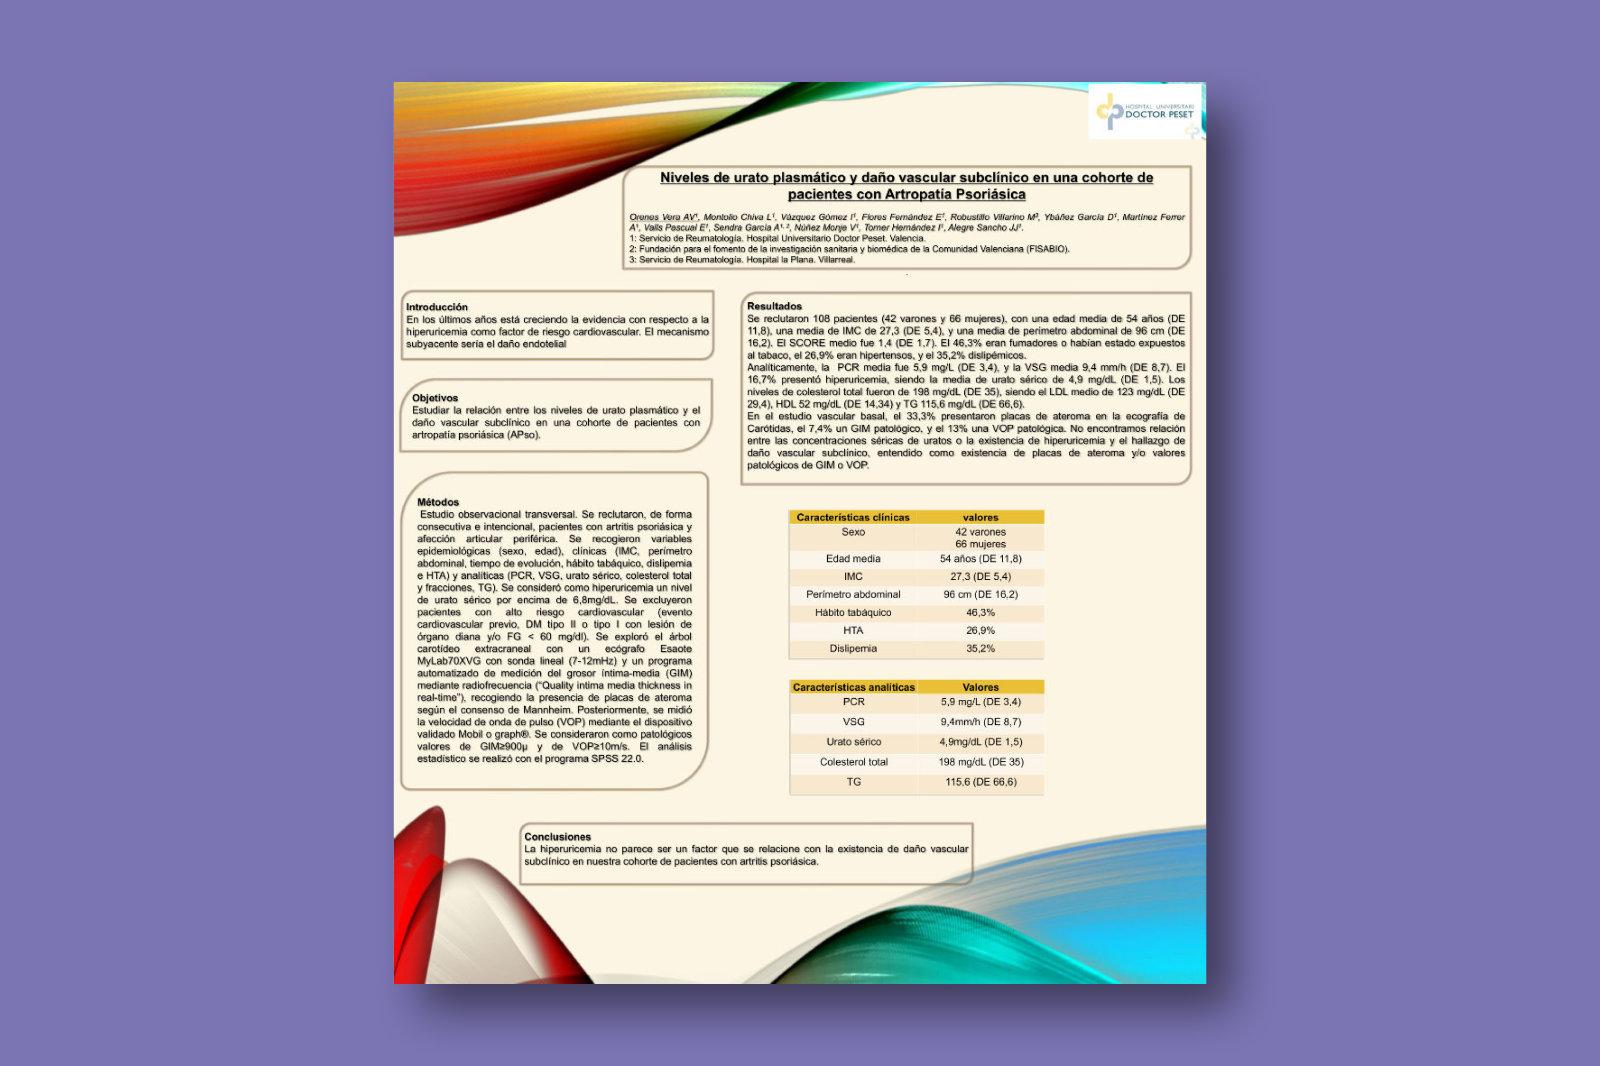 Niveles de urato plasmático y daño vascular subclínico en una cohorte de pacientes con artropatía psoriásica